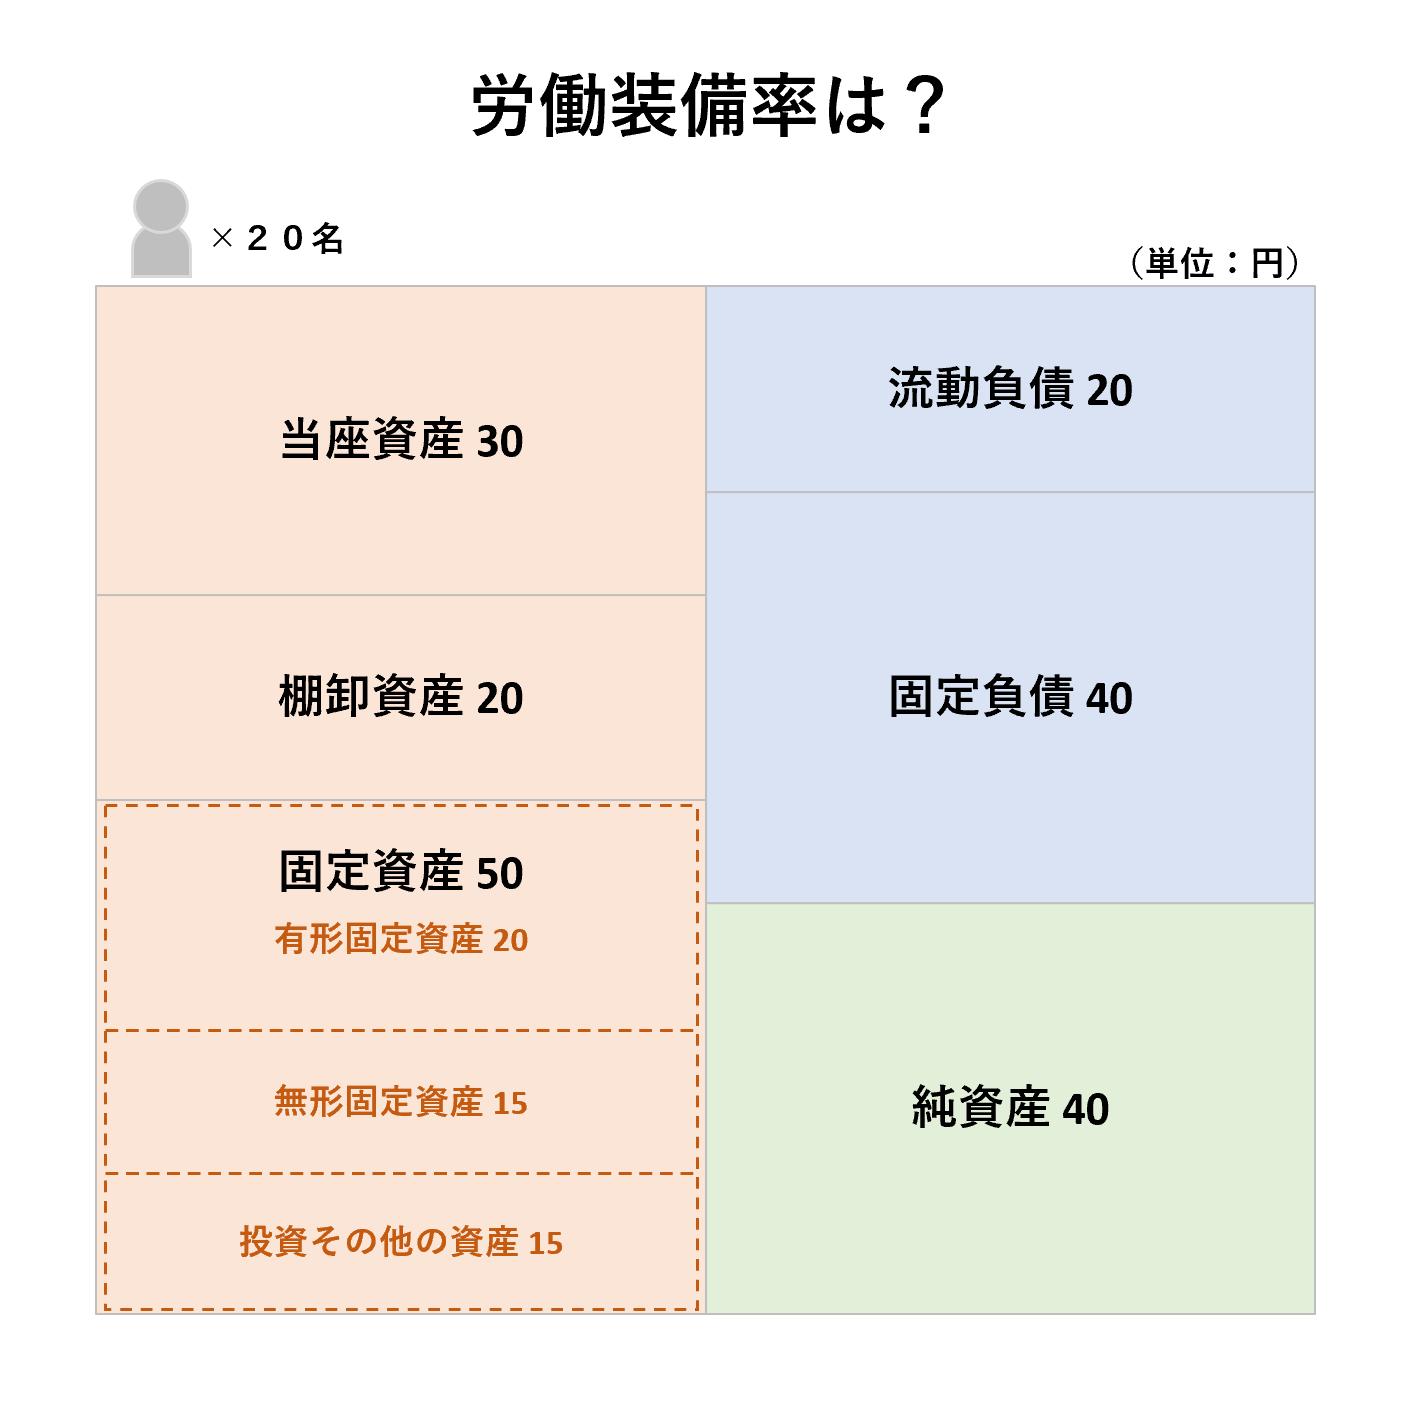 1人当たり分析(ビジネス会計検定2級):労働装備率-問題